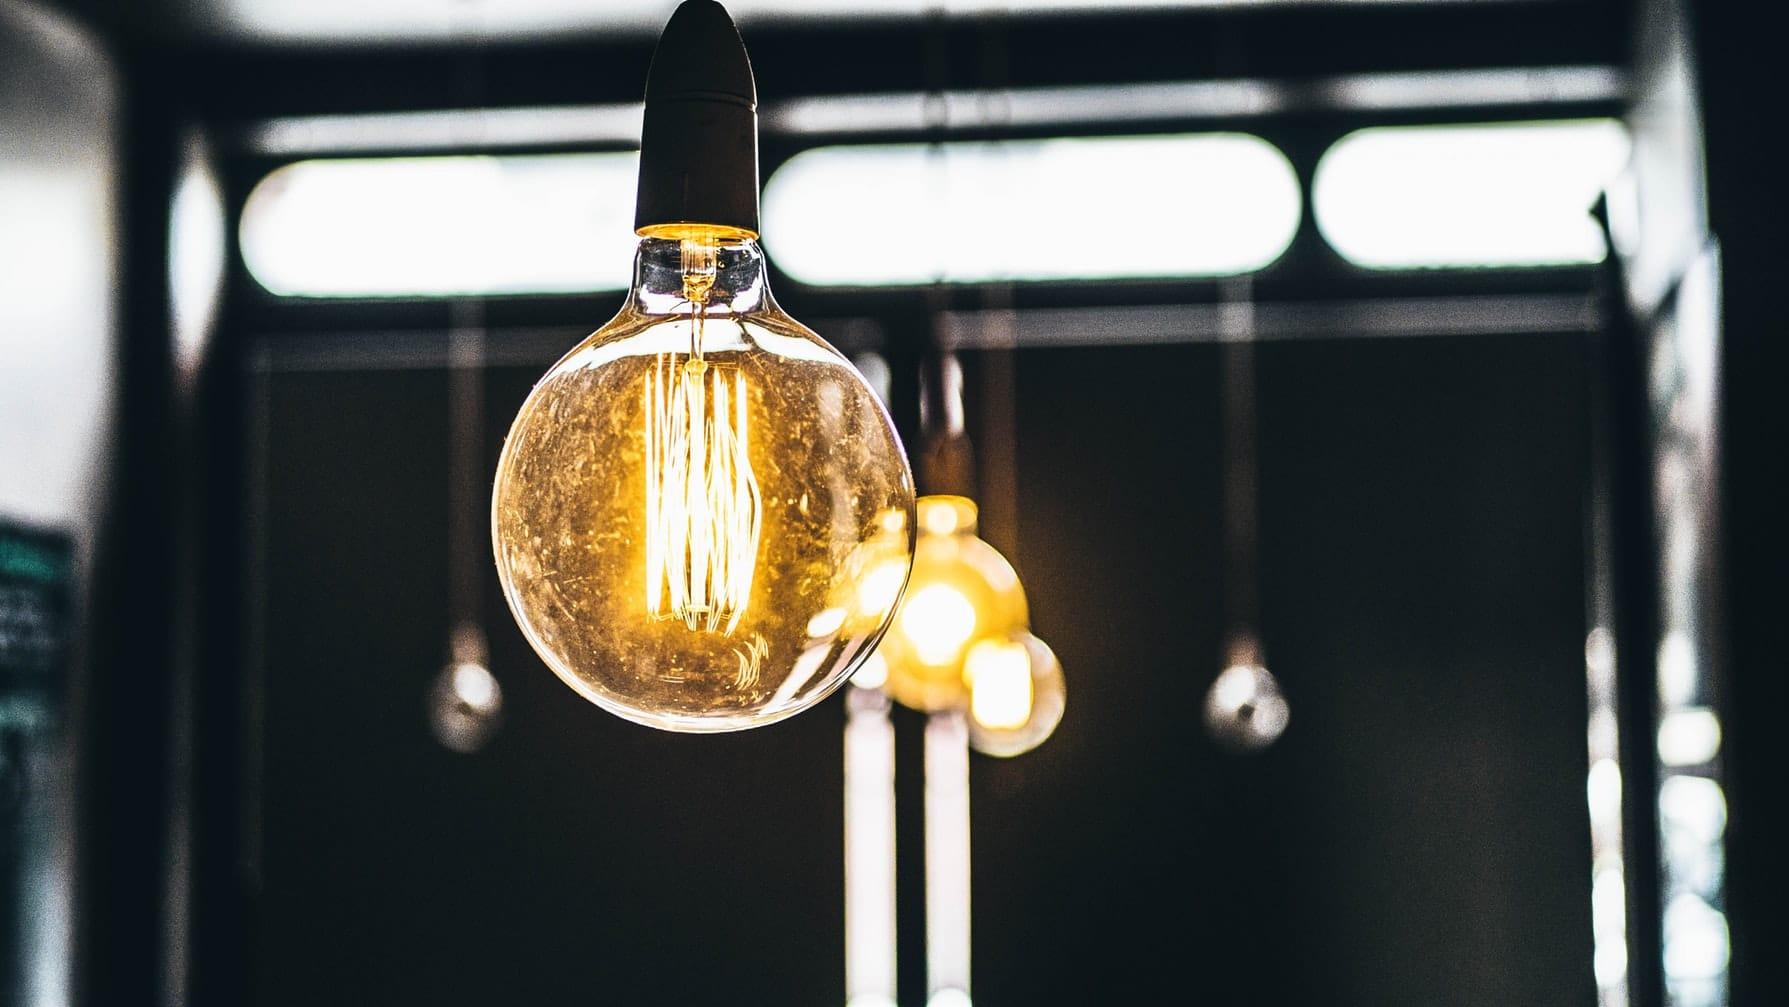 Sécurité électrique: les règles à connaître